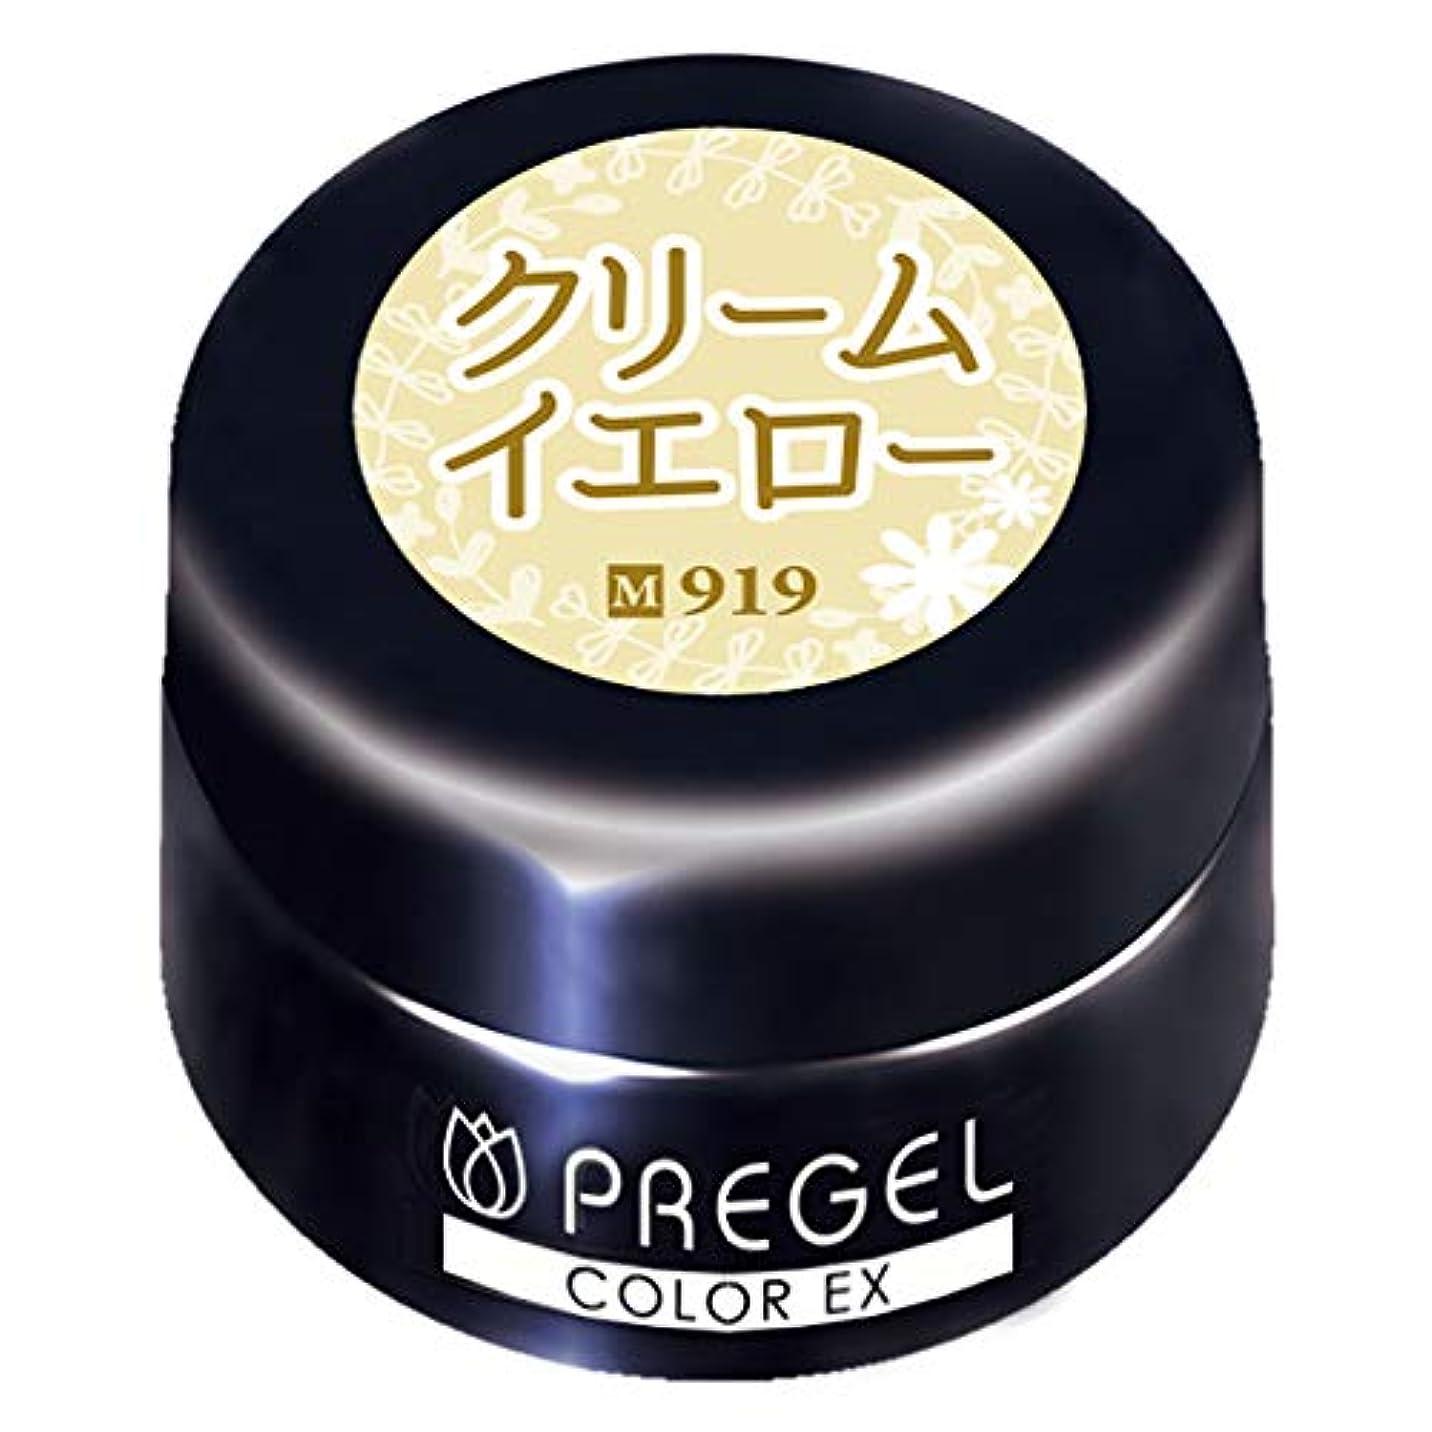 トレッド保持活力PRE GEL カラーEX クリームイエロー919 3g PG-CE919 UV/LED対応